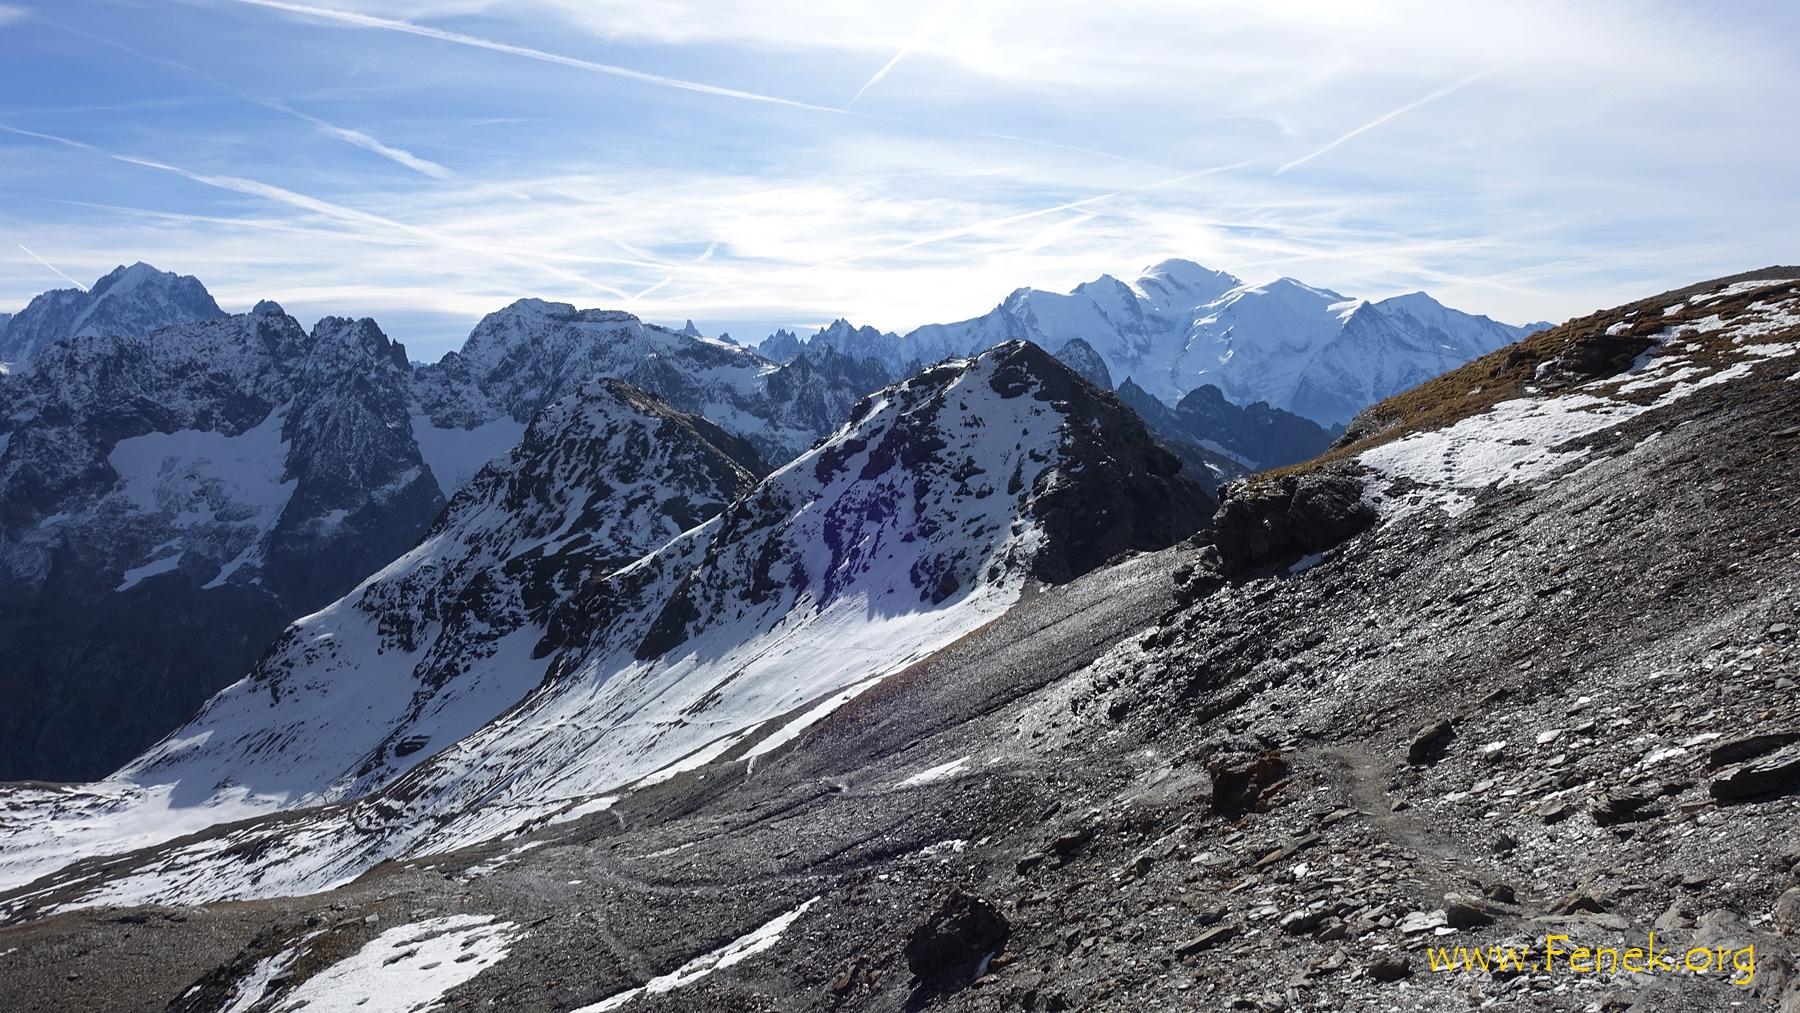 der Mont Blanc wird sichtbar